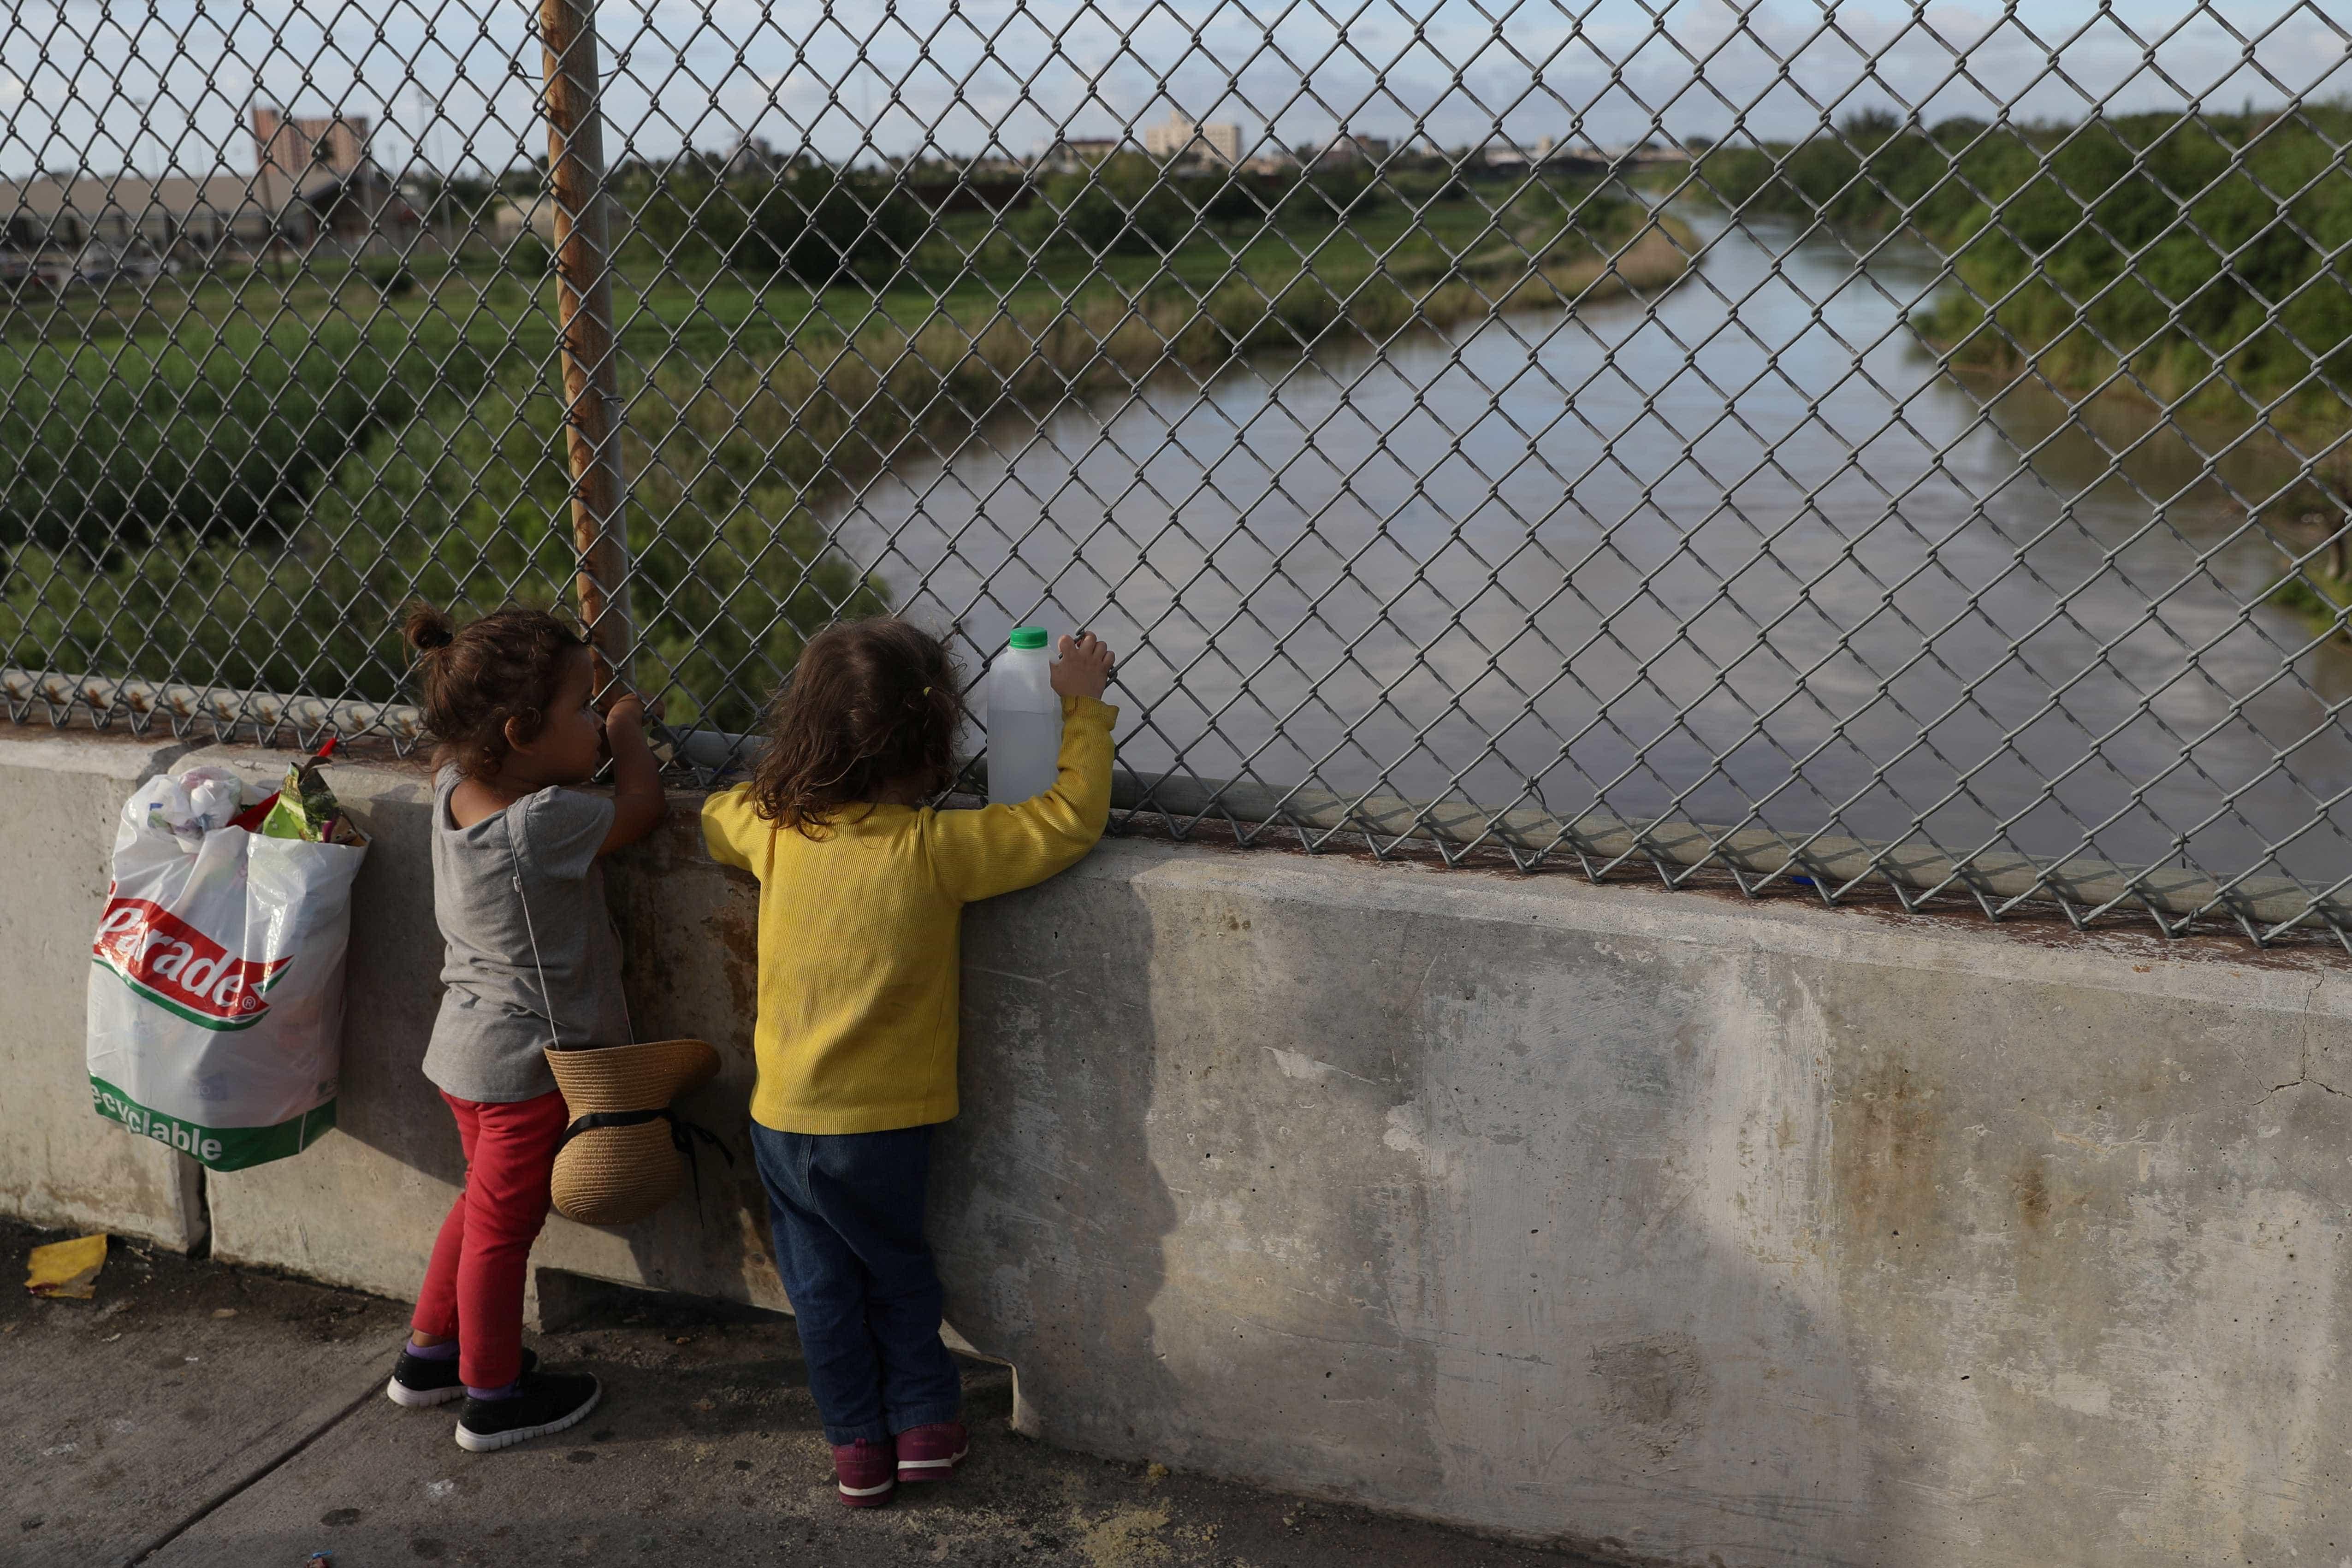 Só 2 crianças imigrantes menores de 5 anos foram reunidas aos pais